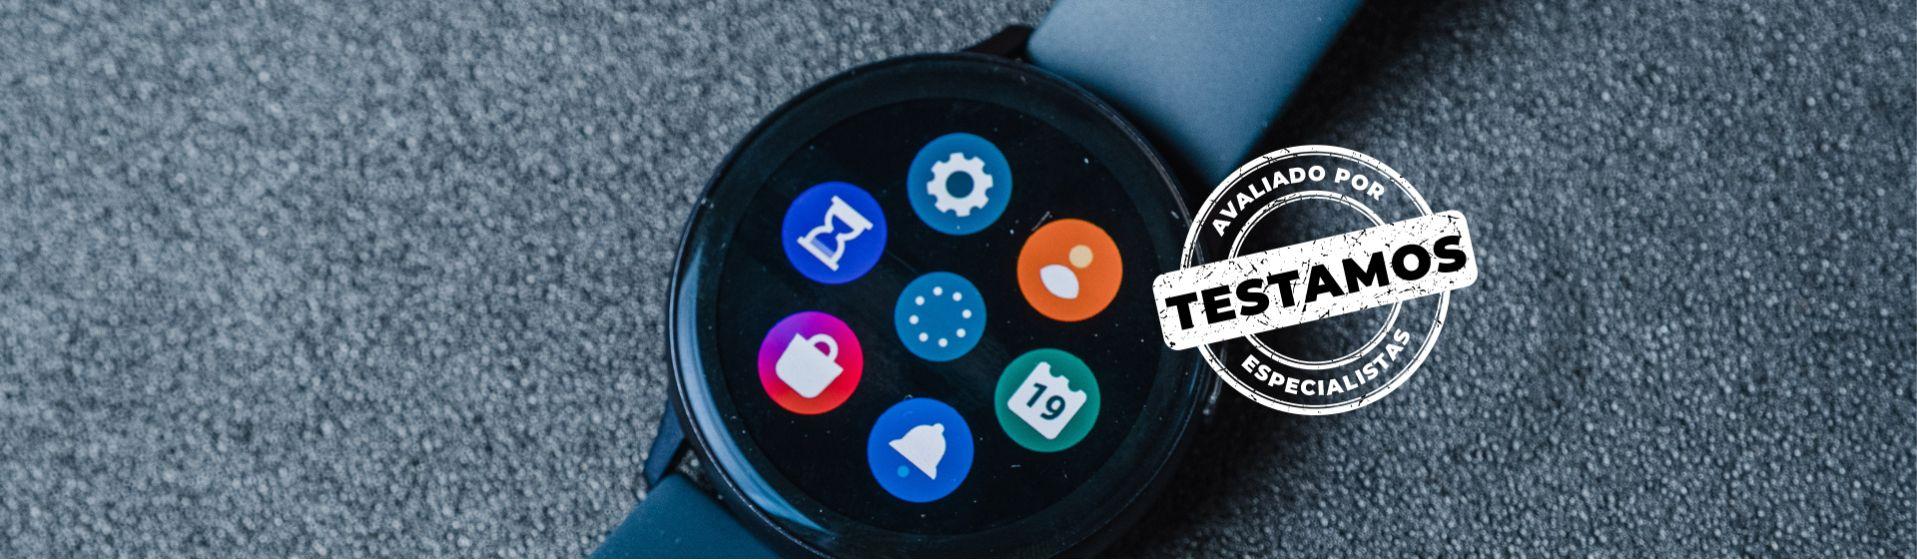 Galaxy Watch Active 2 se destaca com funções fitness e de saúde